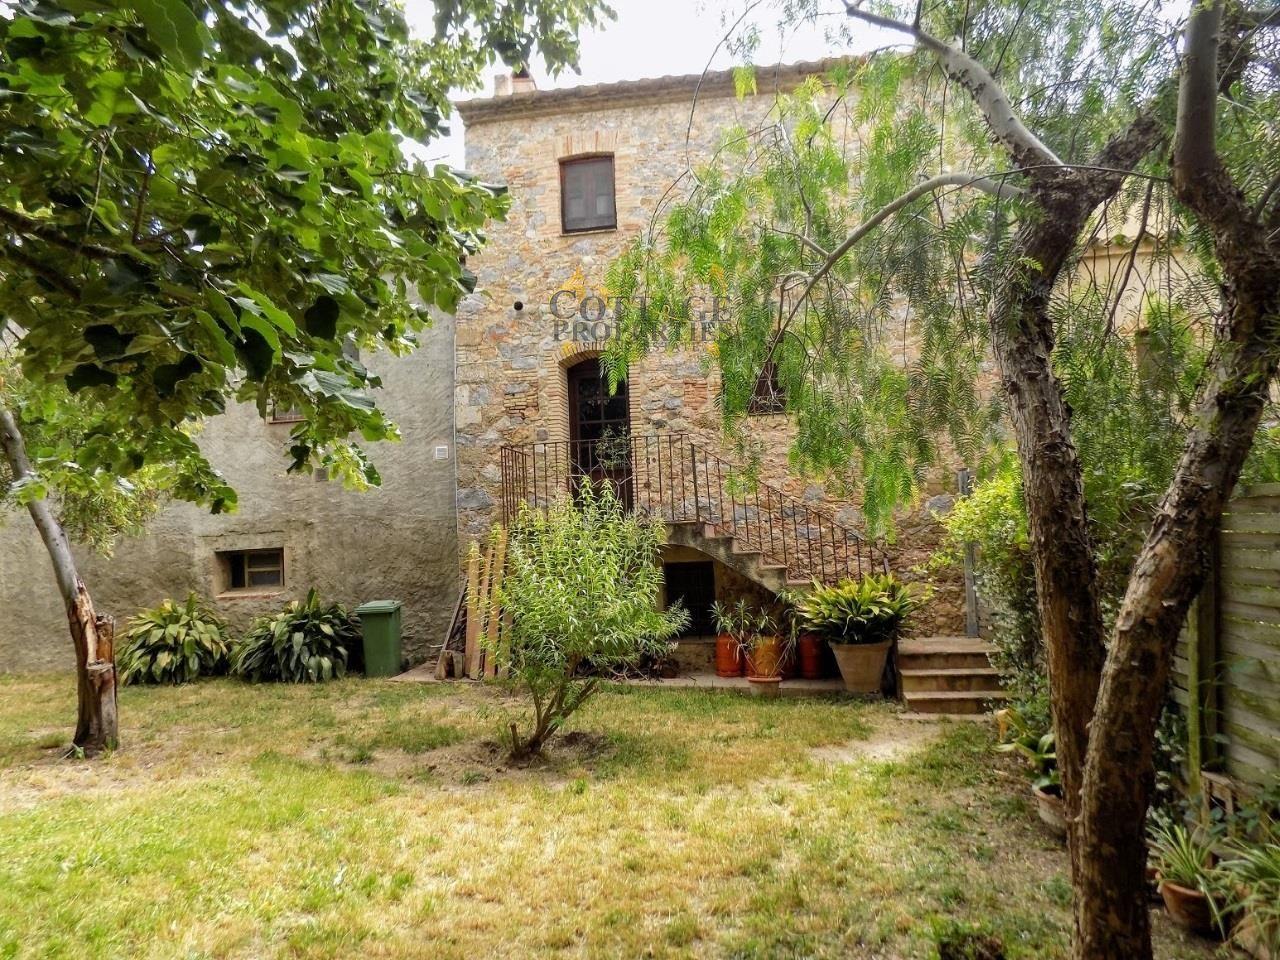 1272: Casas de pueblo in Tor